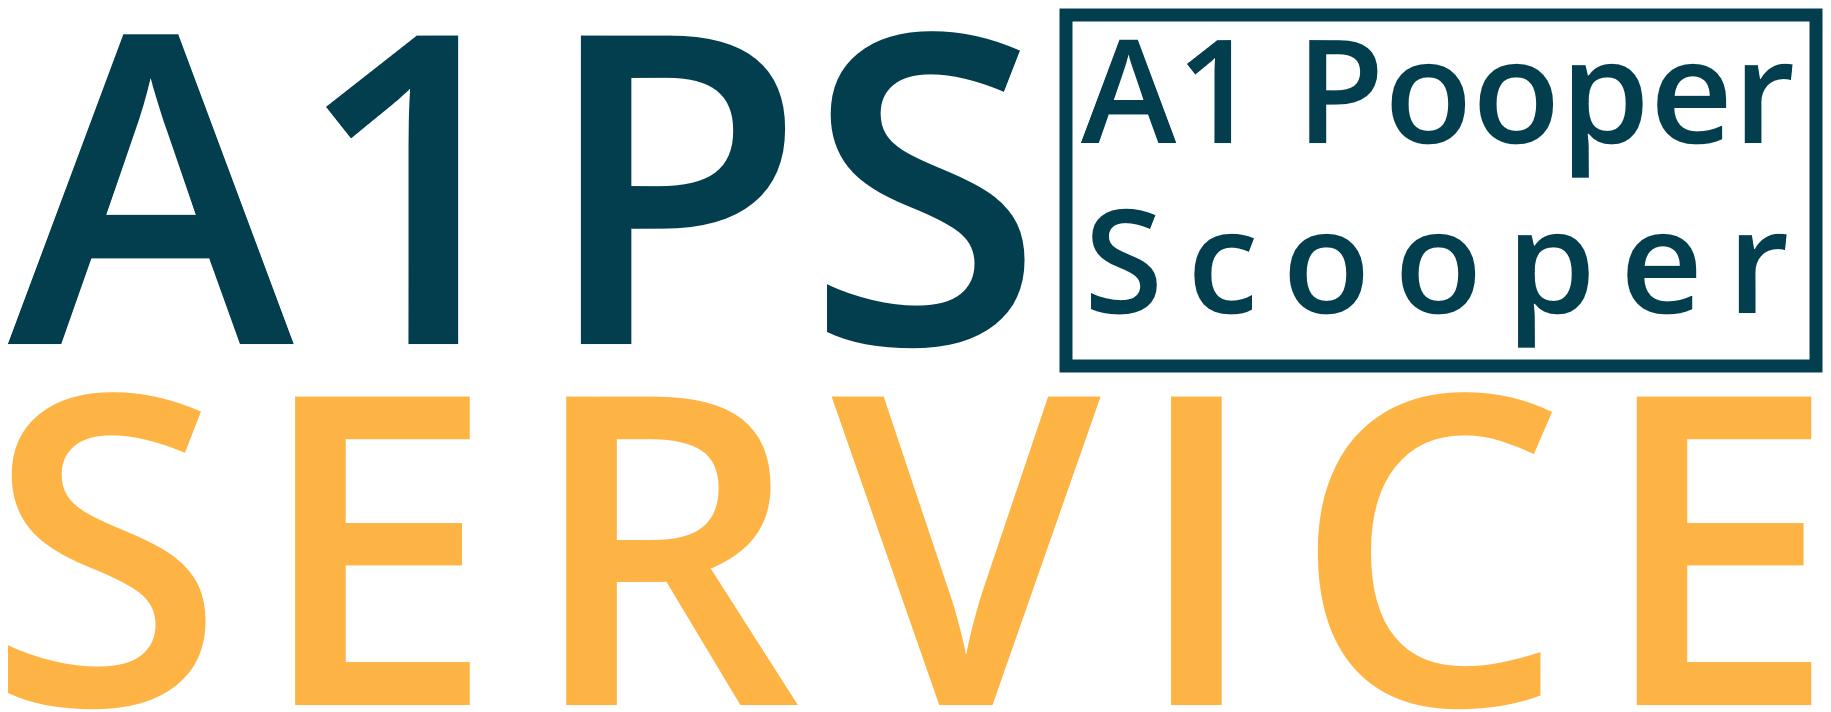 A1 Pooper Scooper Service Logo